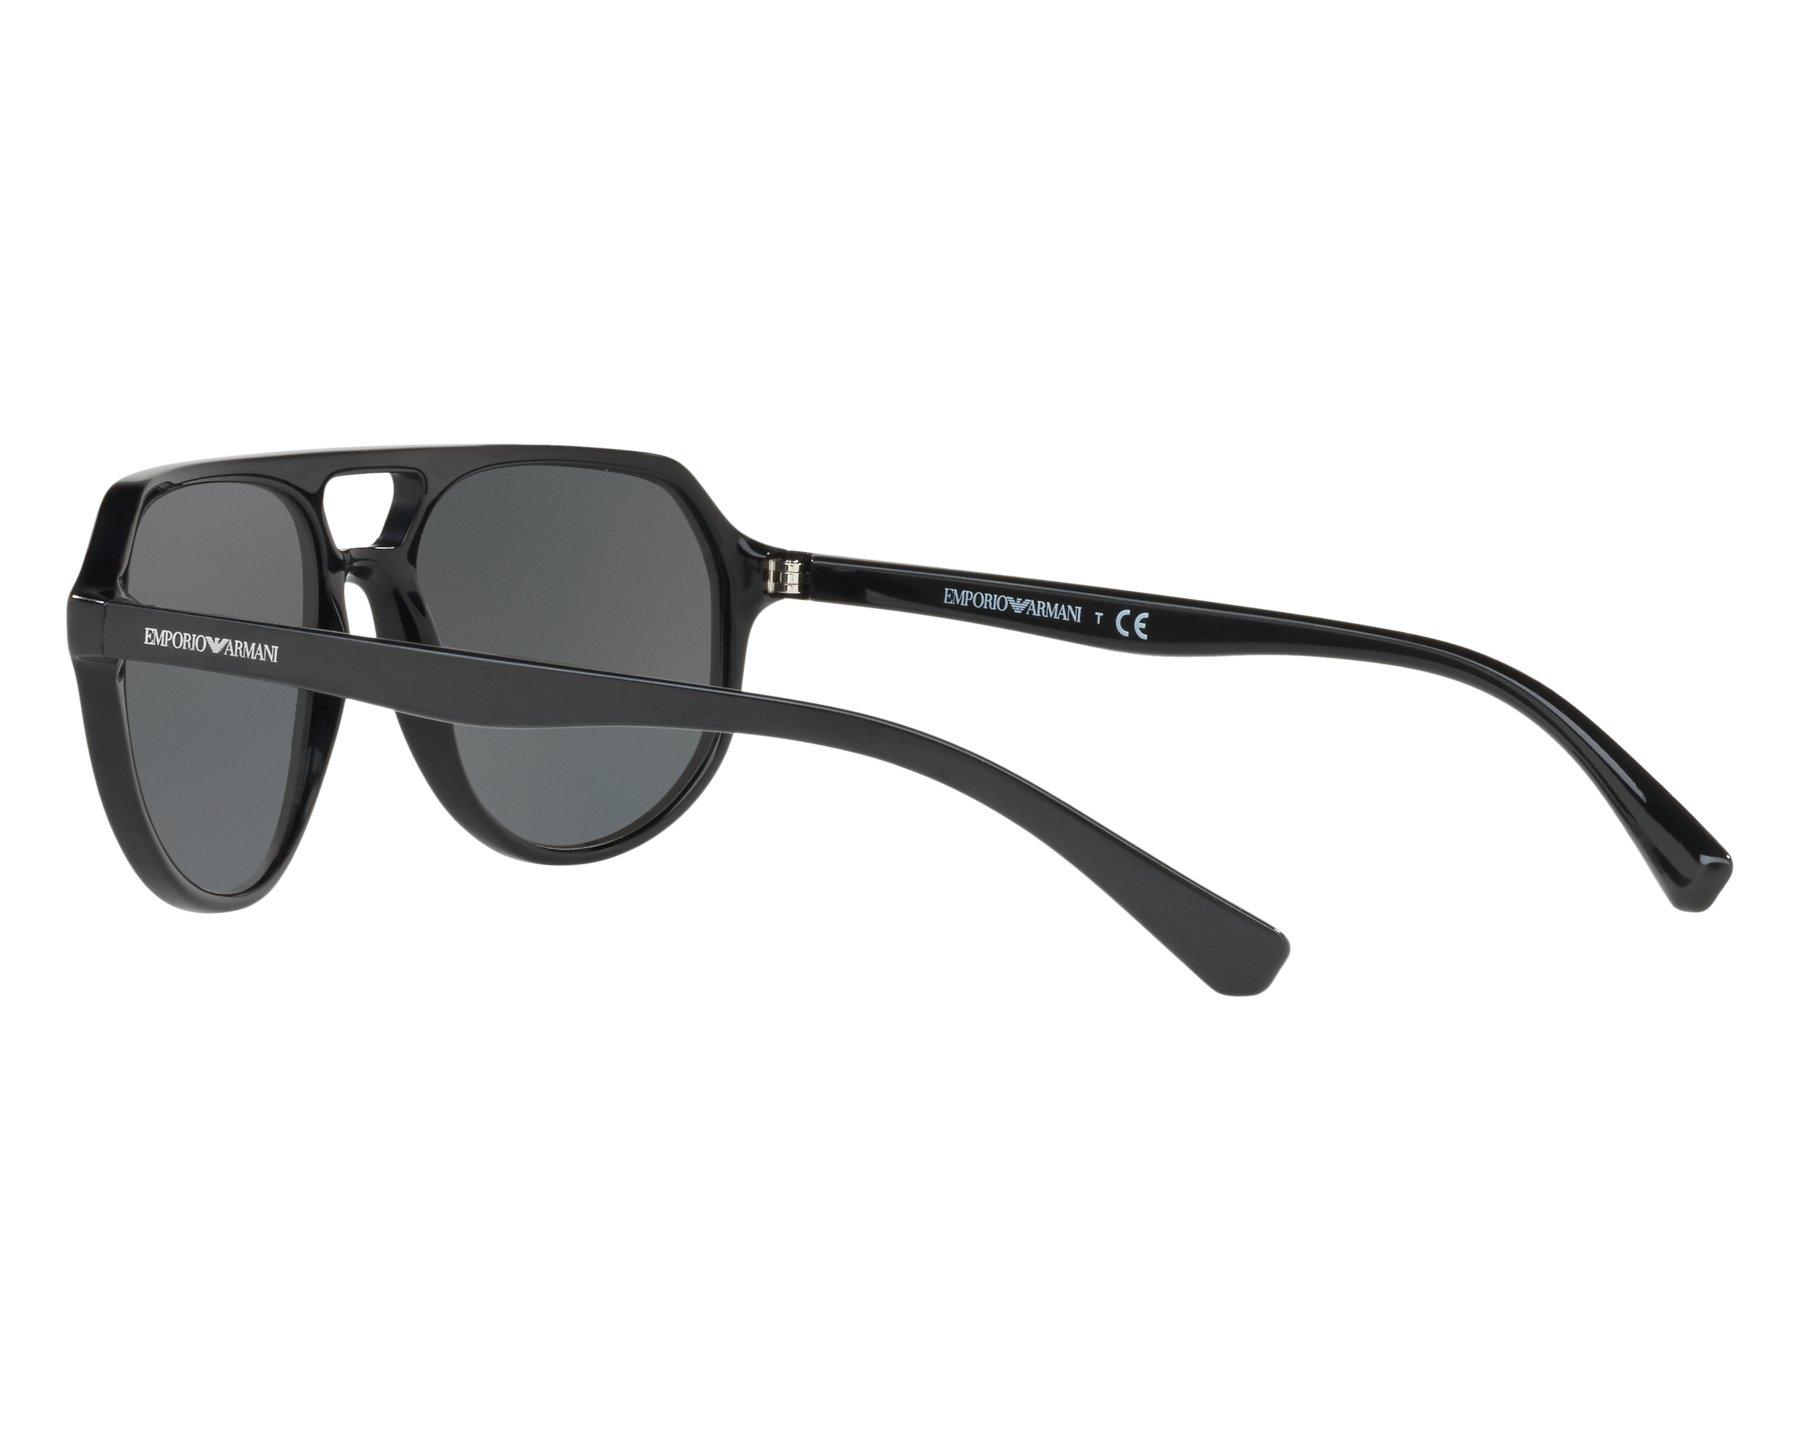 4acb47fc7a4 Sunglasses Emporio Armani EA-4111 500187 57-18 Black 360 degree view 5